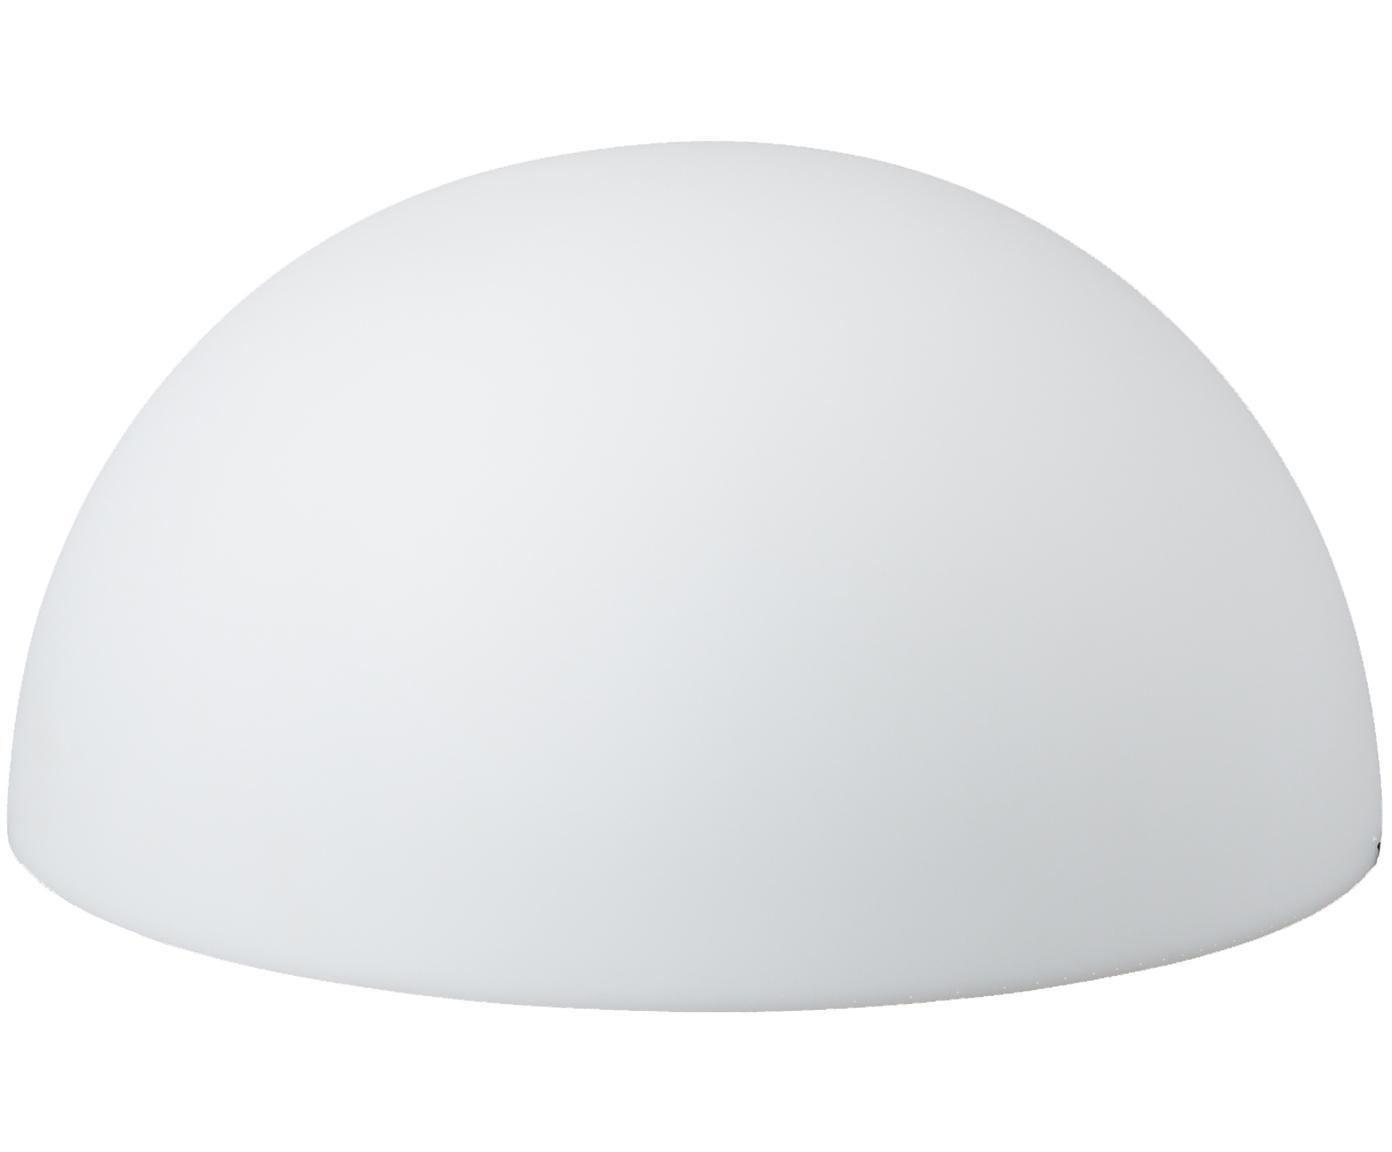 Außen-Bodenleuchte Mezzo mit Stecker, Kunststoff, Weiß, Ø 65 x H 32 cm